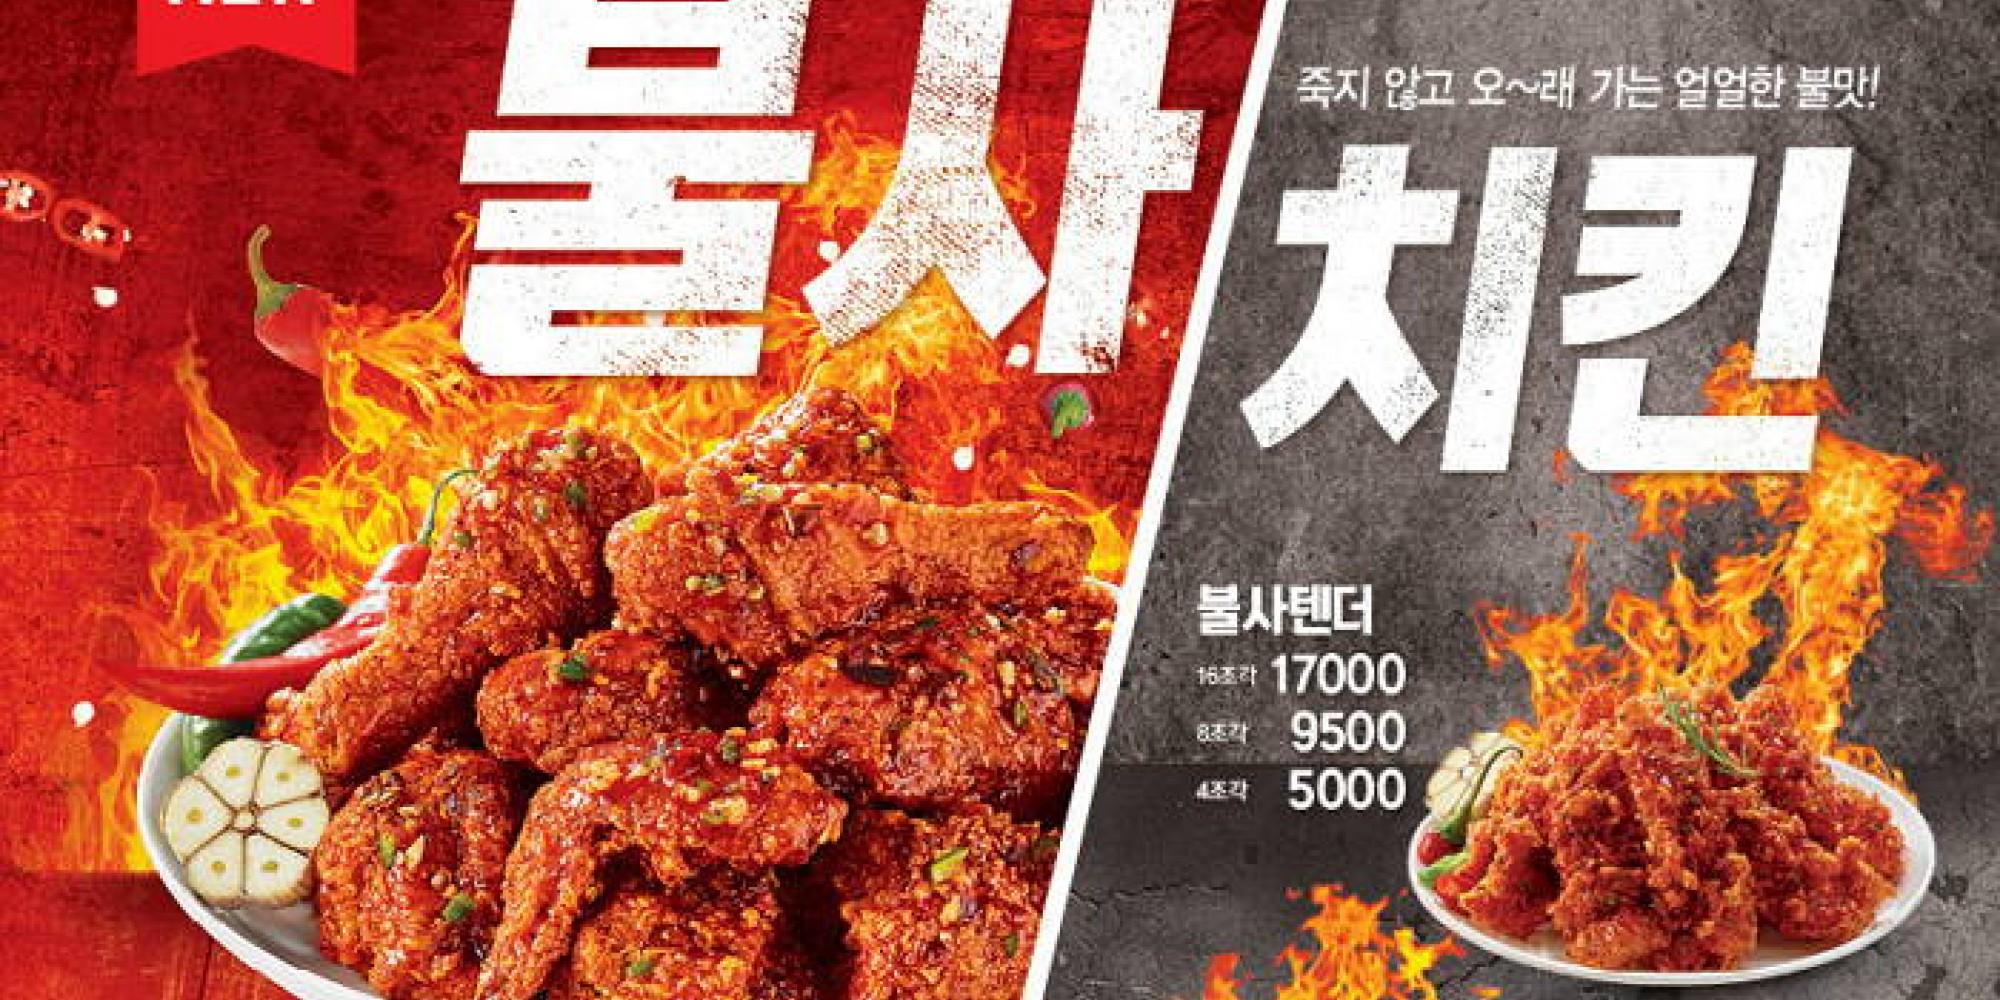 맘스터치, 중화풍의 사천식 매운맛 '불사치킨' 출시 - 인사이트